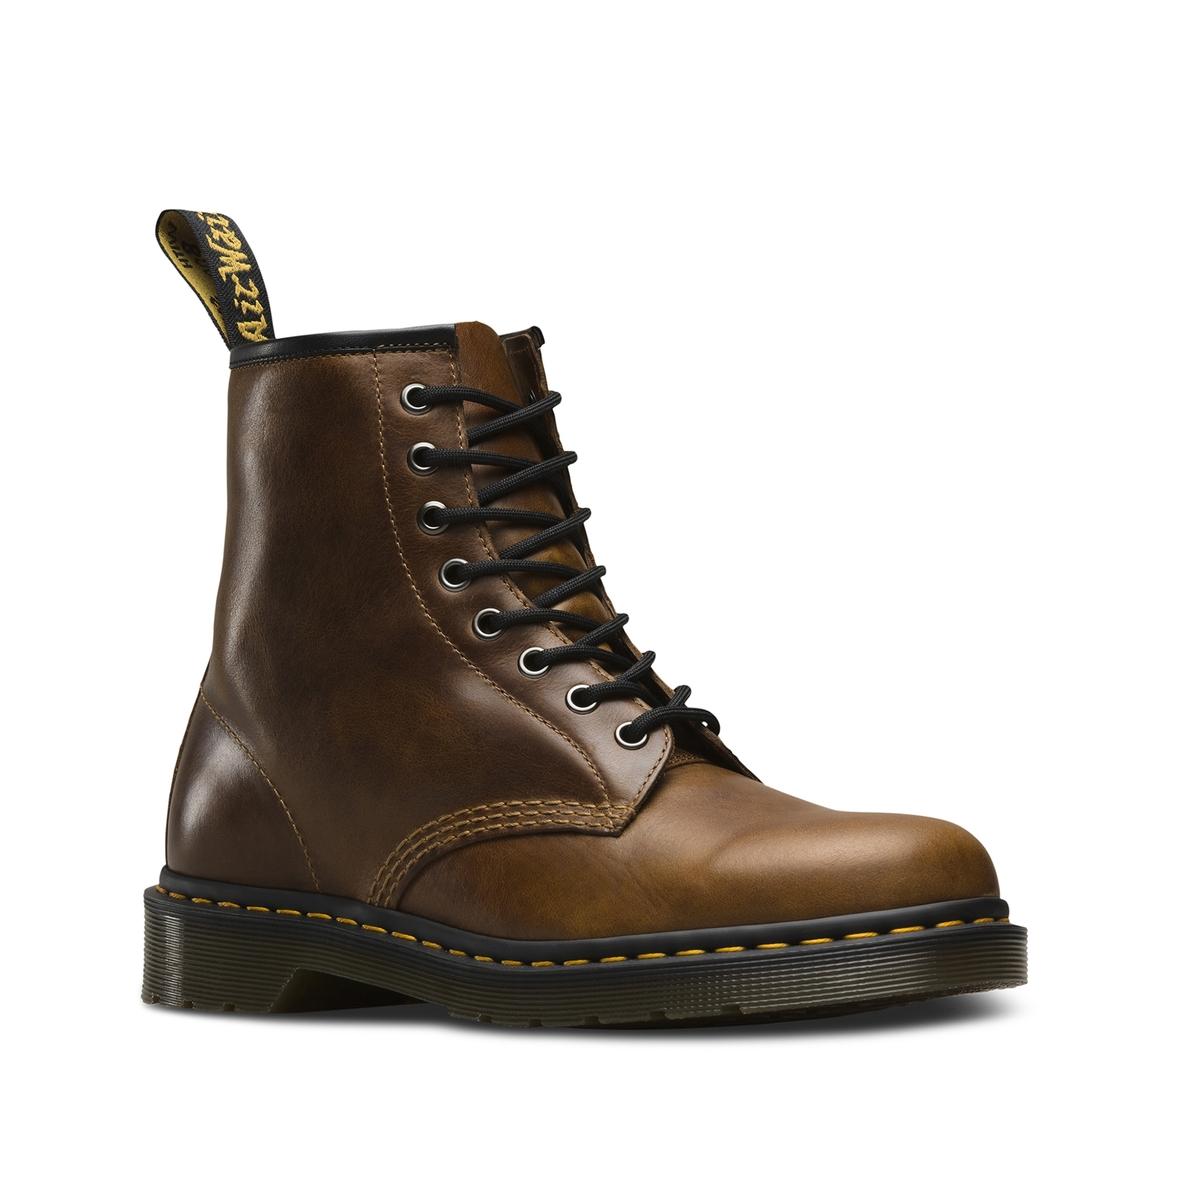 Lederschnürboots 1460 | Schuhe > Boots > Boots | Braun | Pu | DR MARTENS